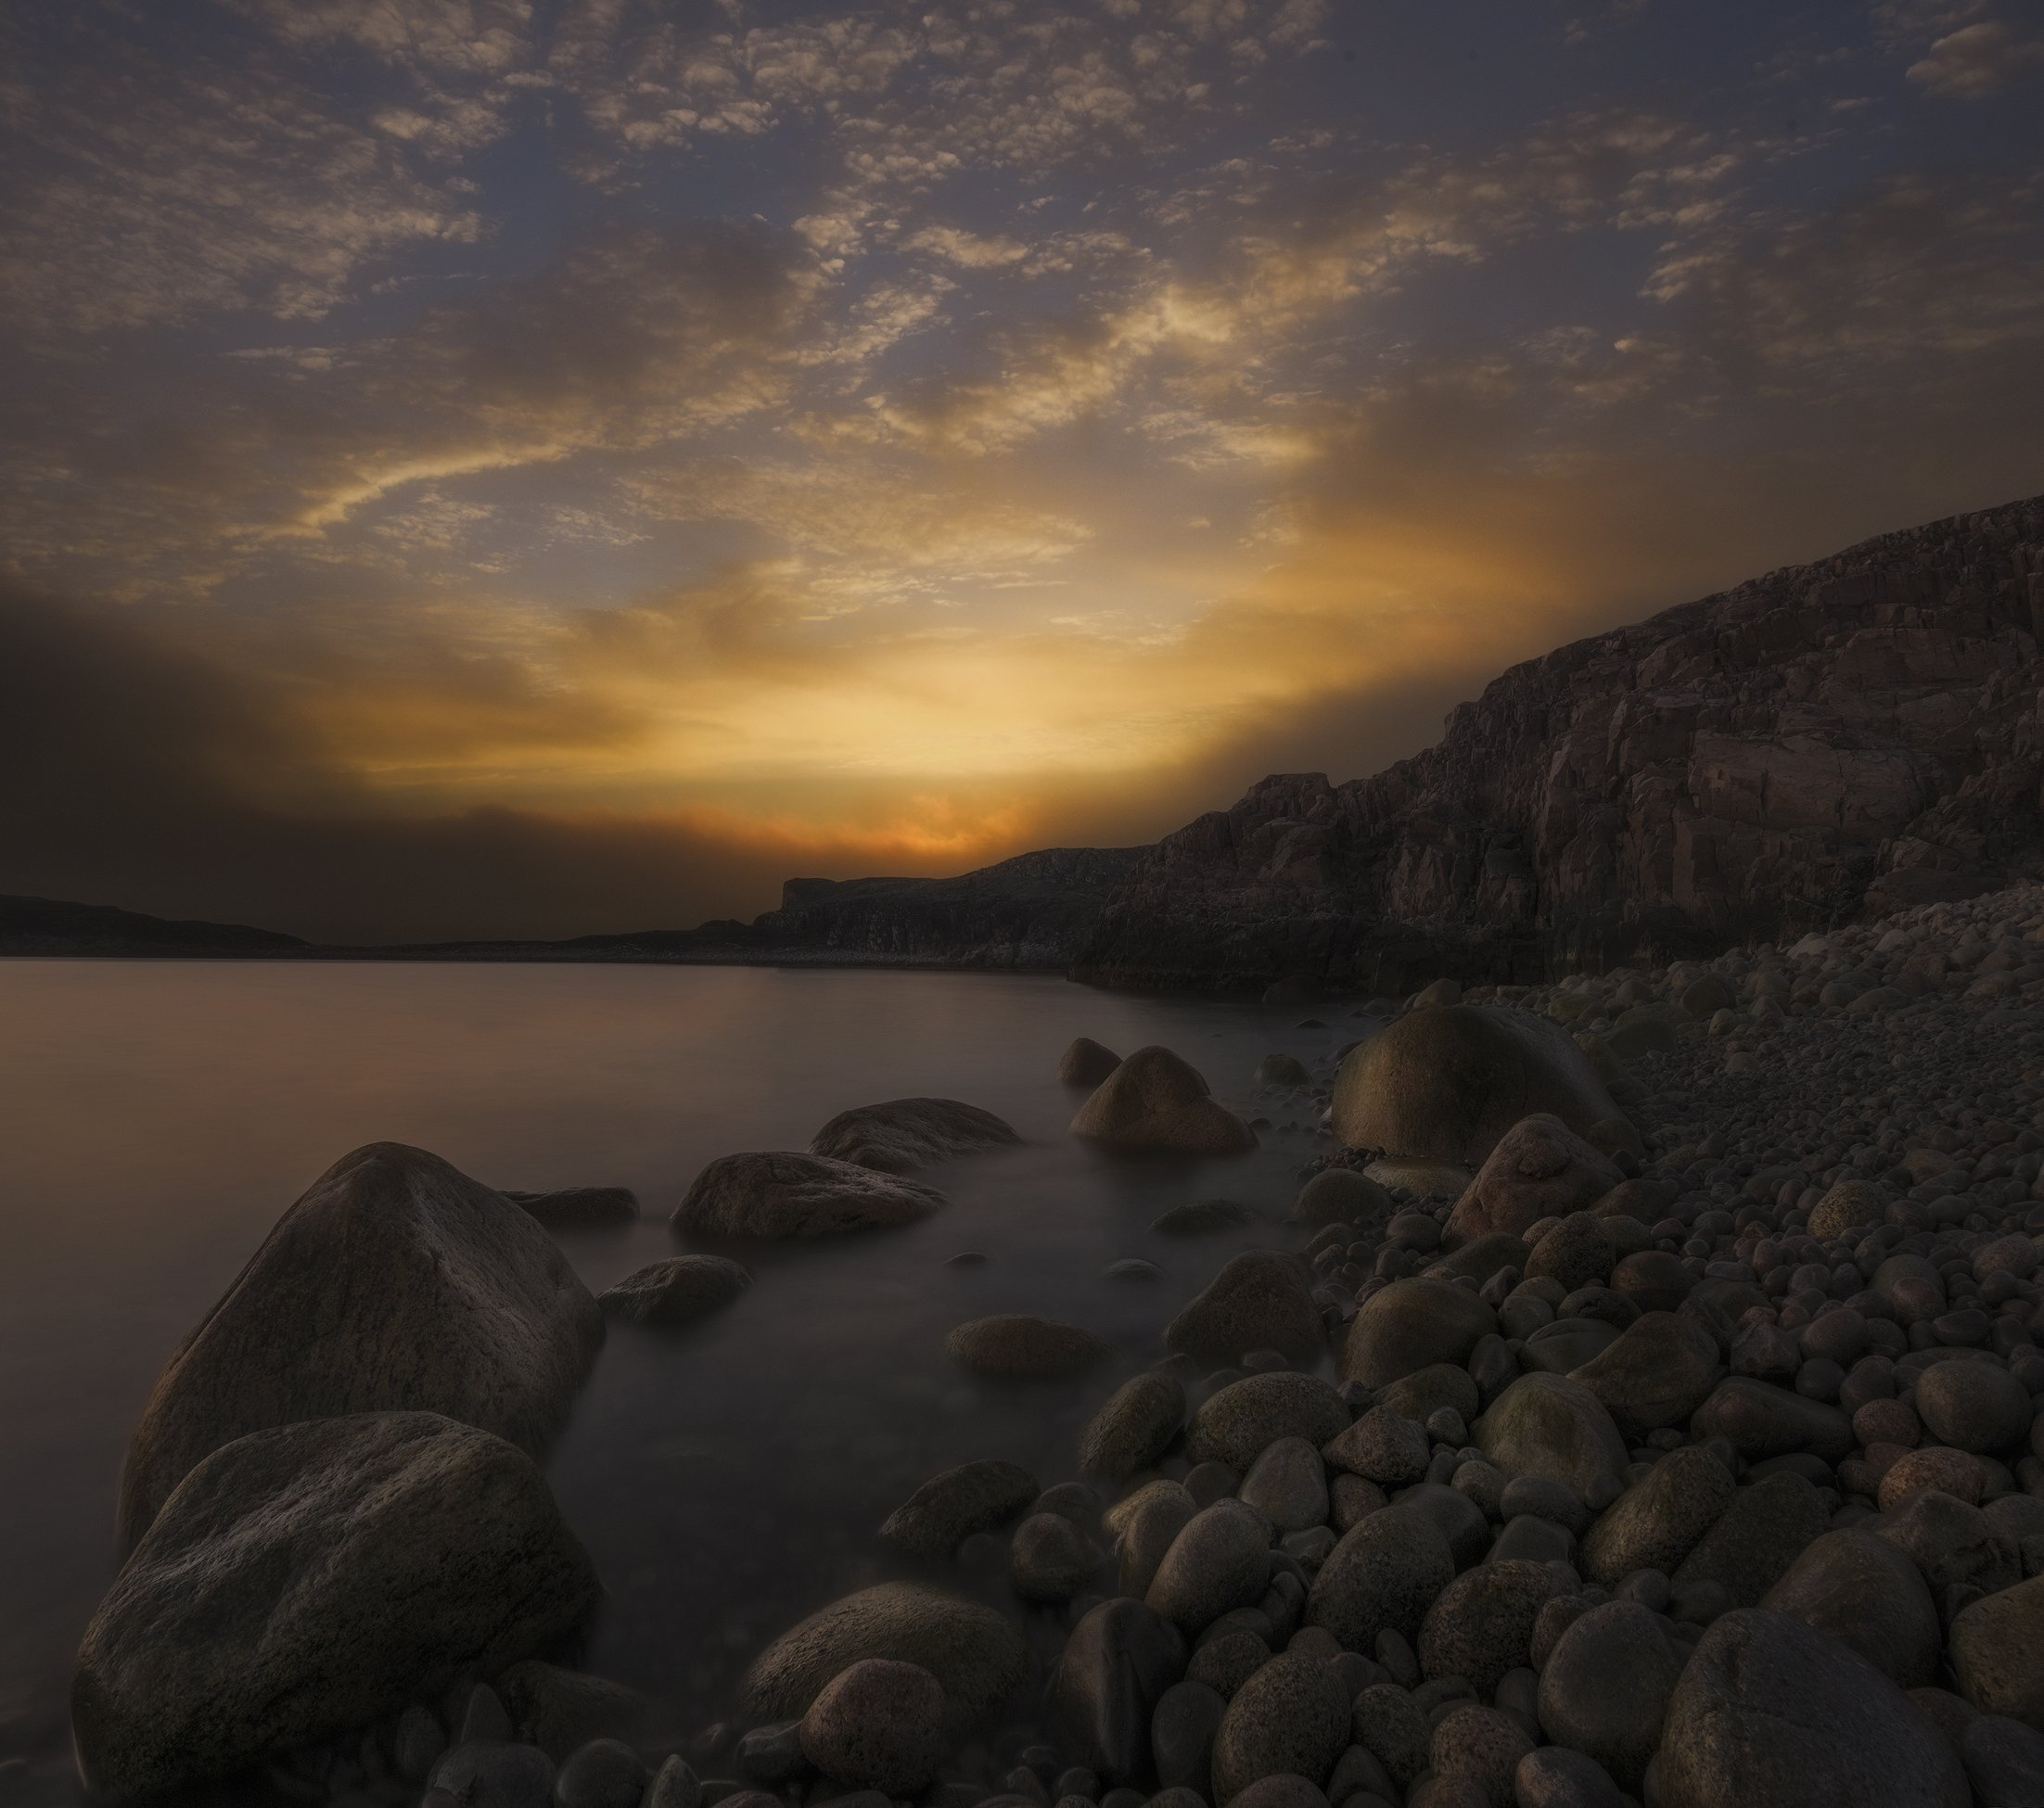 Рассвет, море, dawning light, Кольский полуостров, Баренцево море, Barents sea, Васильев Алексей